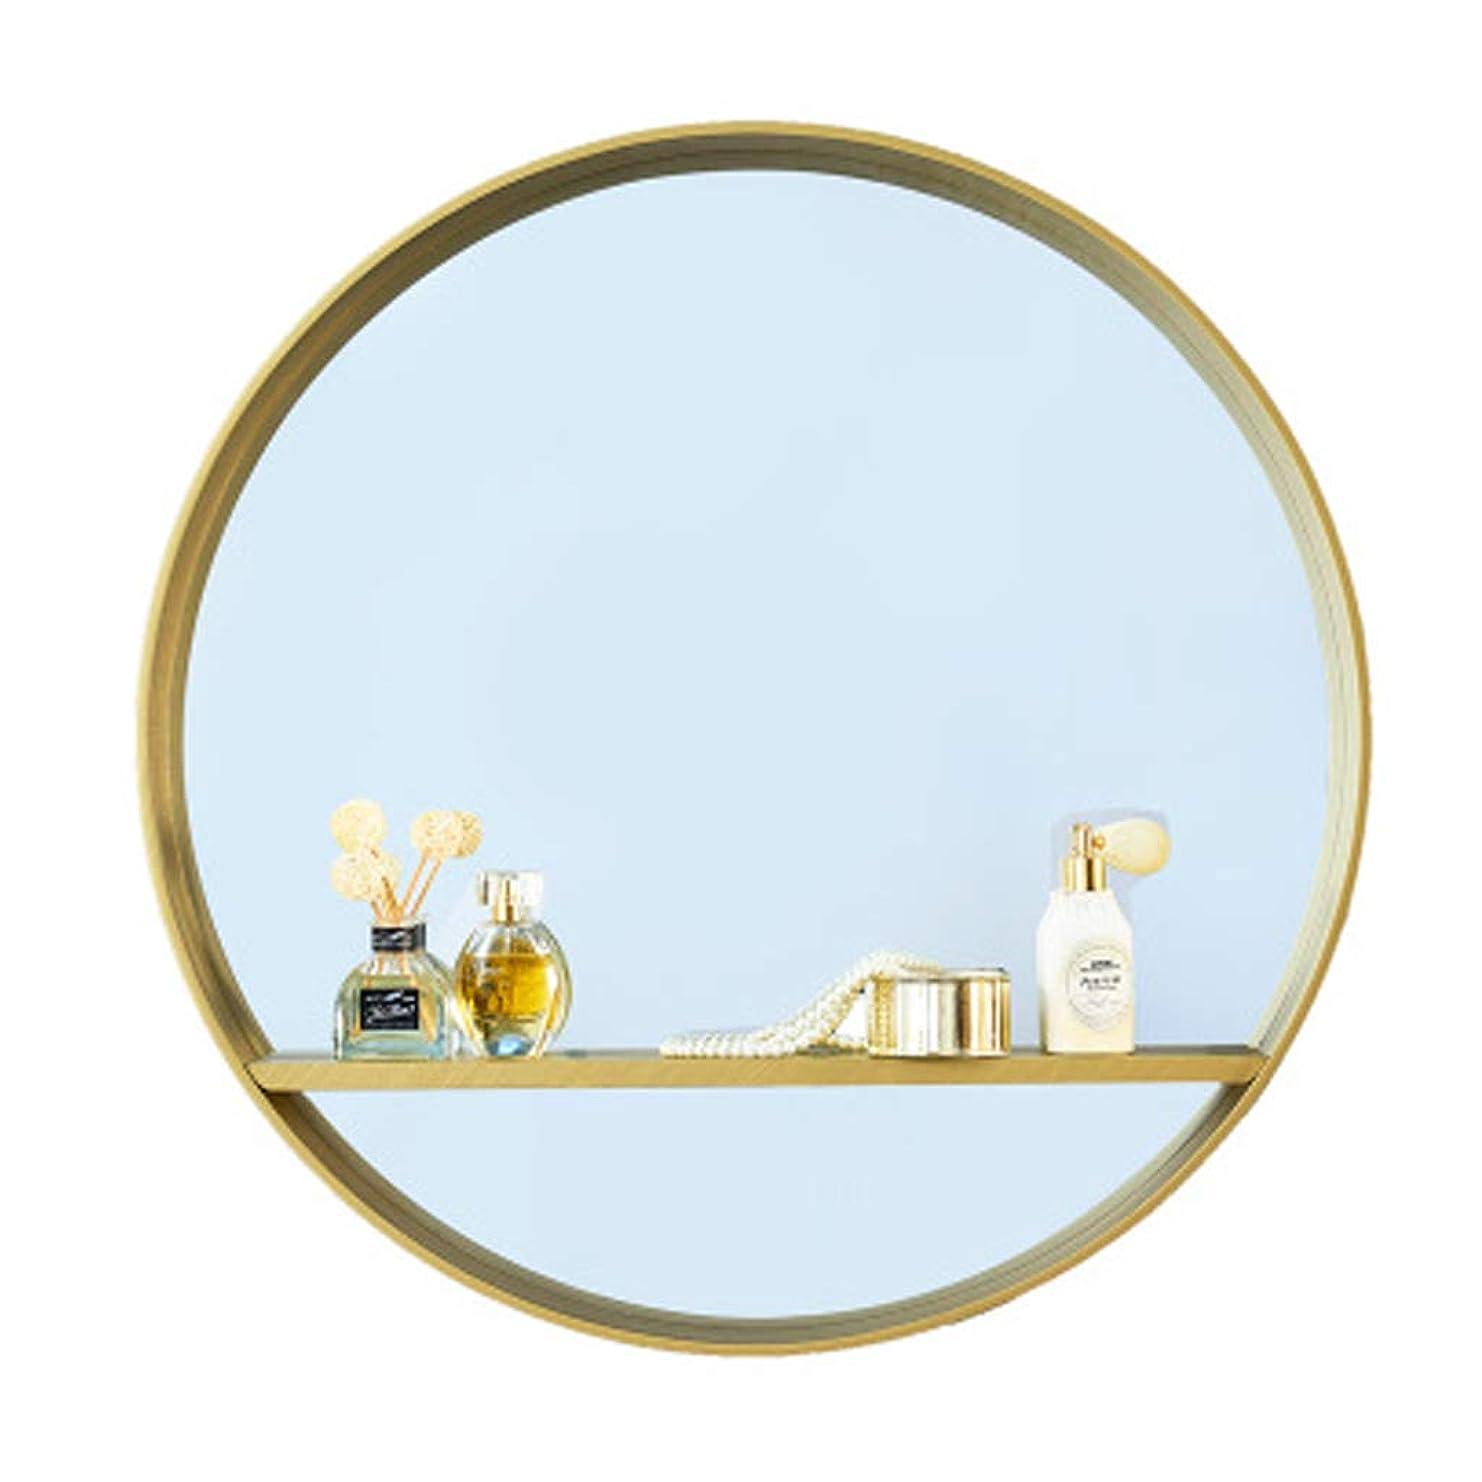 損失重荷中ウォールミラーラウンド木製フレーム付き棚HD化粧鏡化粧台ミラー壁掛けシェービングミラーゴールド直径60 cm